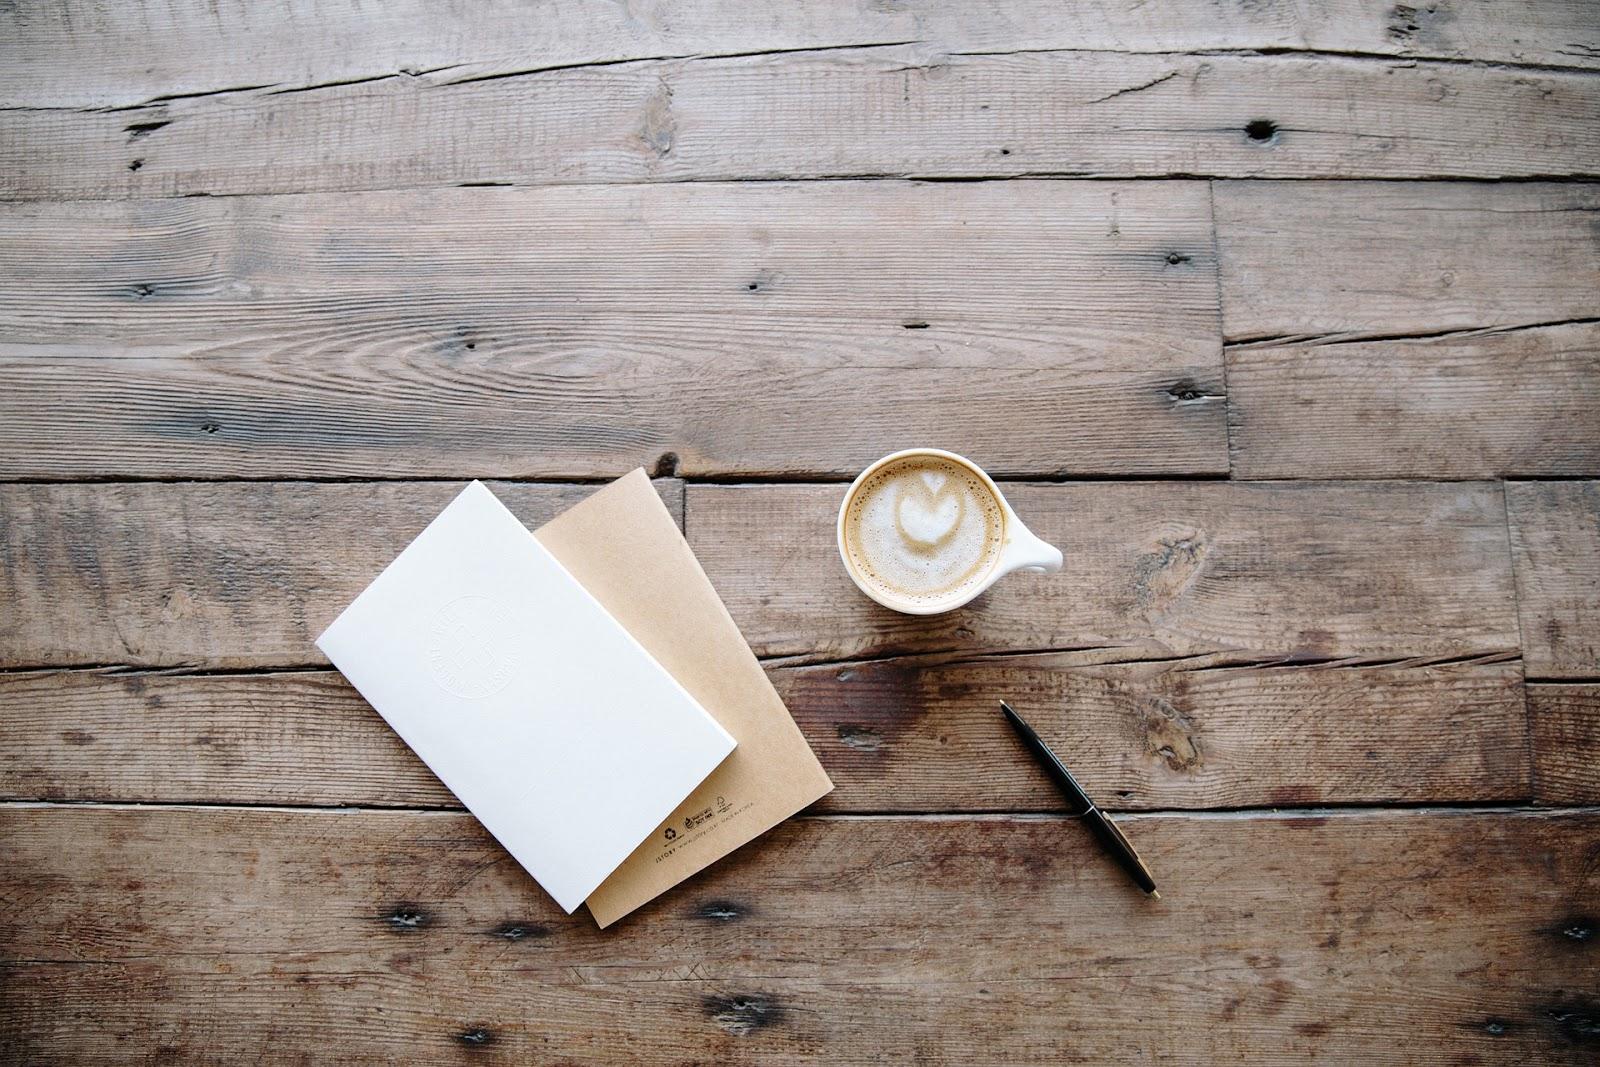 blog blogger blogging comment augmenter son lectorat mode fashion lifestyle comment développer son blog faire connaitre son blog l'importance des réseaux sociaux aggrandir les lecteurs toucher plus de monde référencement SEO